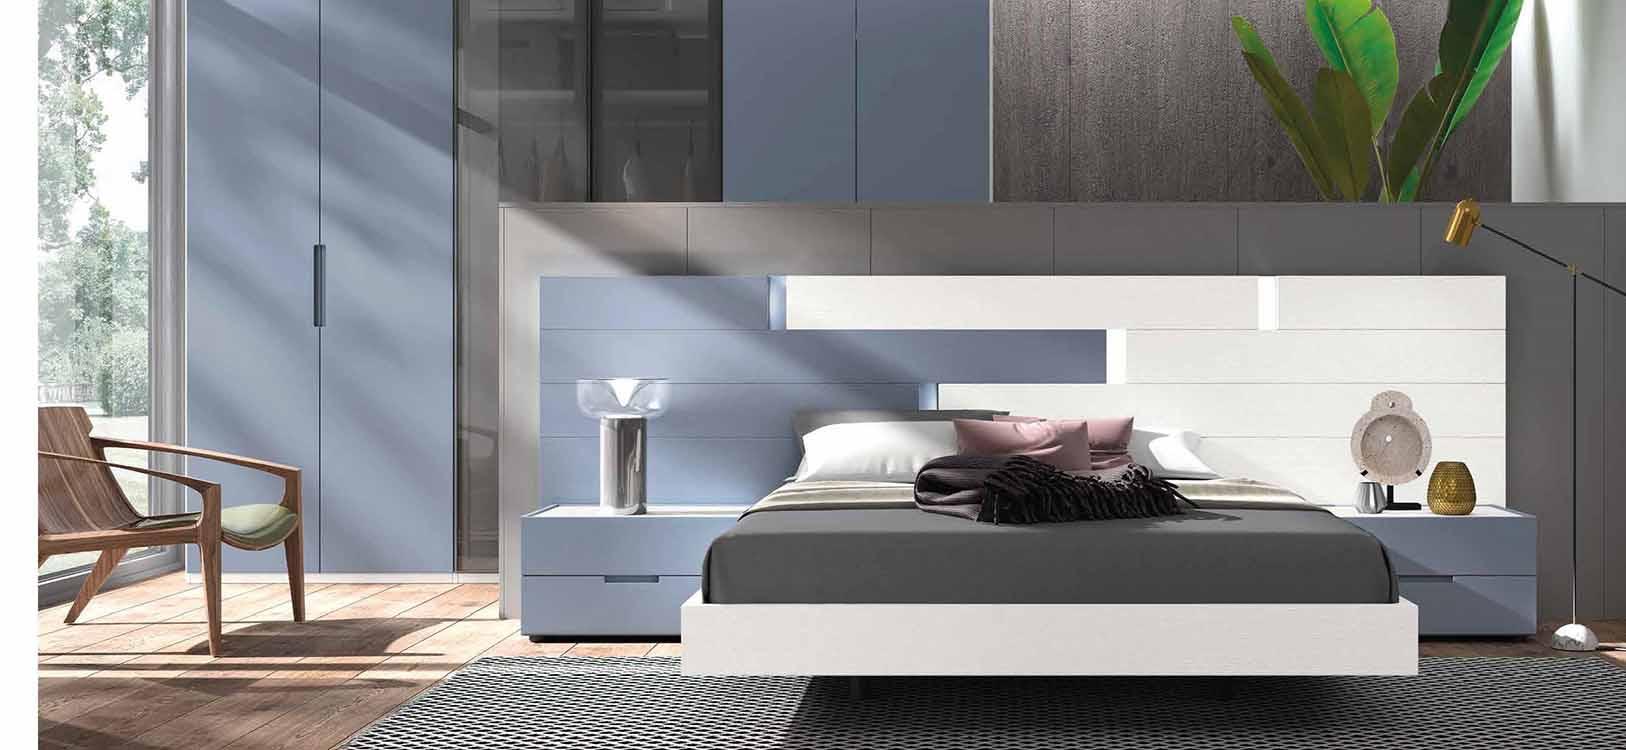 http://www.munozmuebles.net/nueva/catalogo/dormitorios-actuales.html -  Fotografías con muebles de bubinga